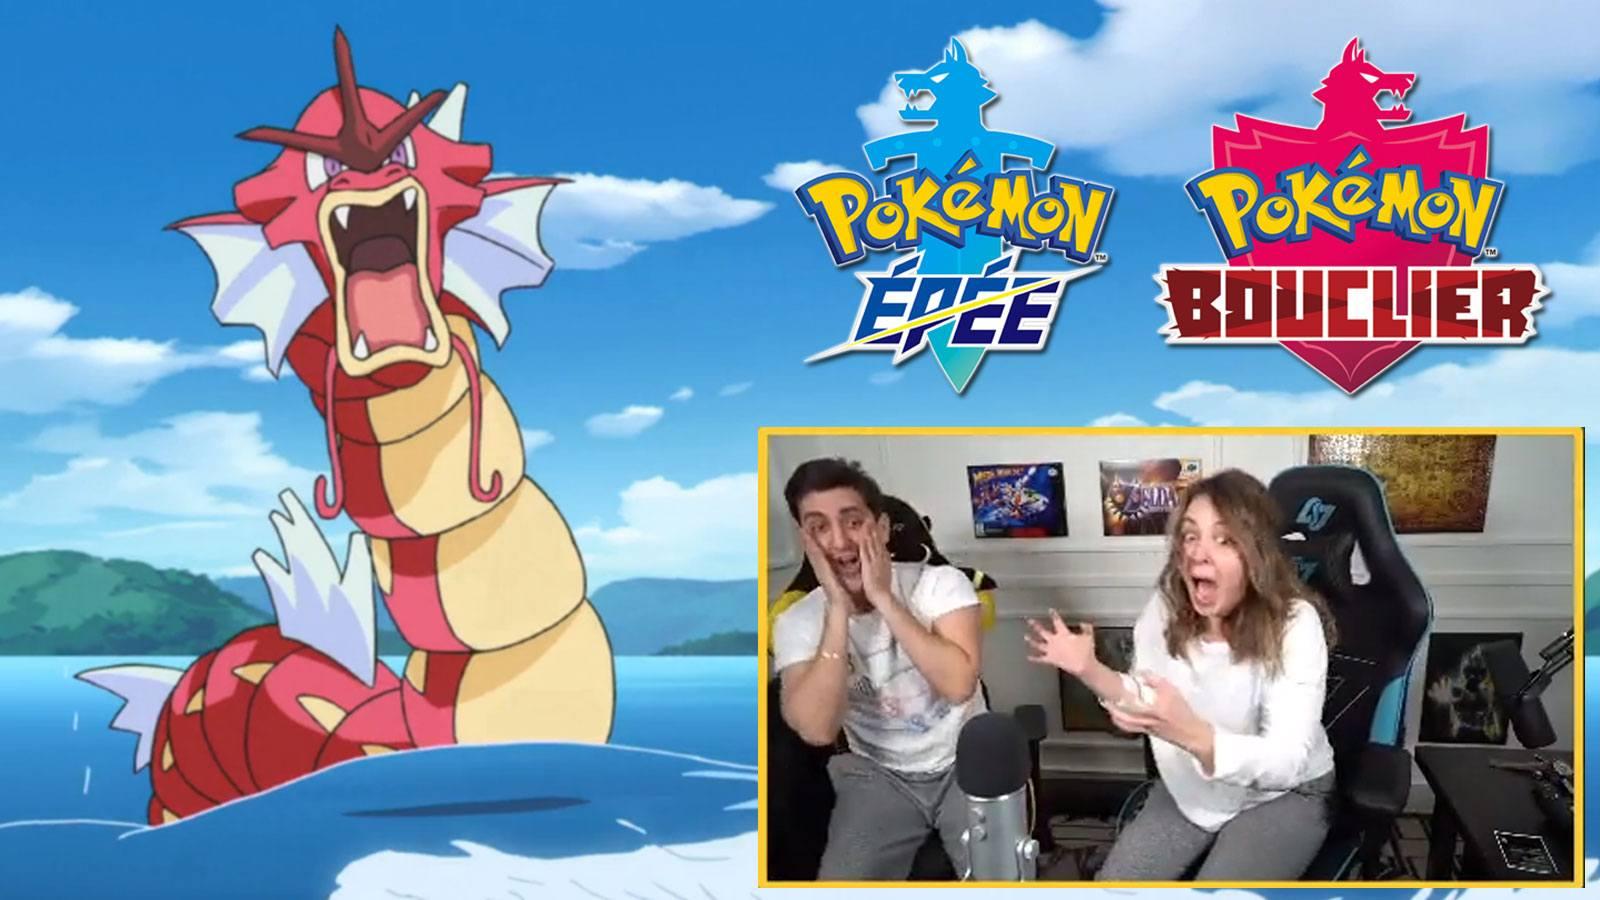 Des streamers attrapent un Pokémon shiny